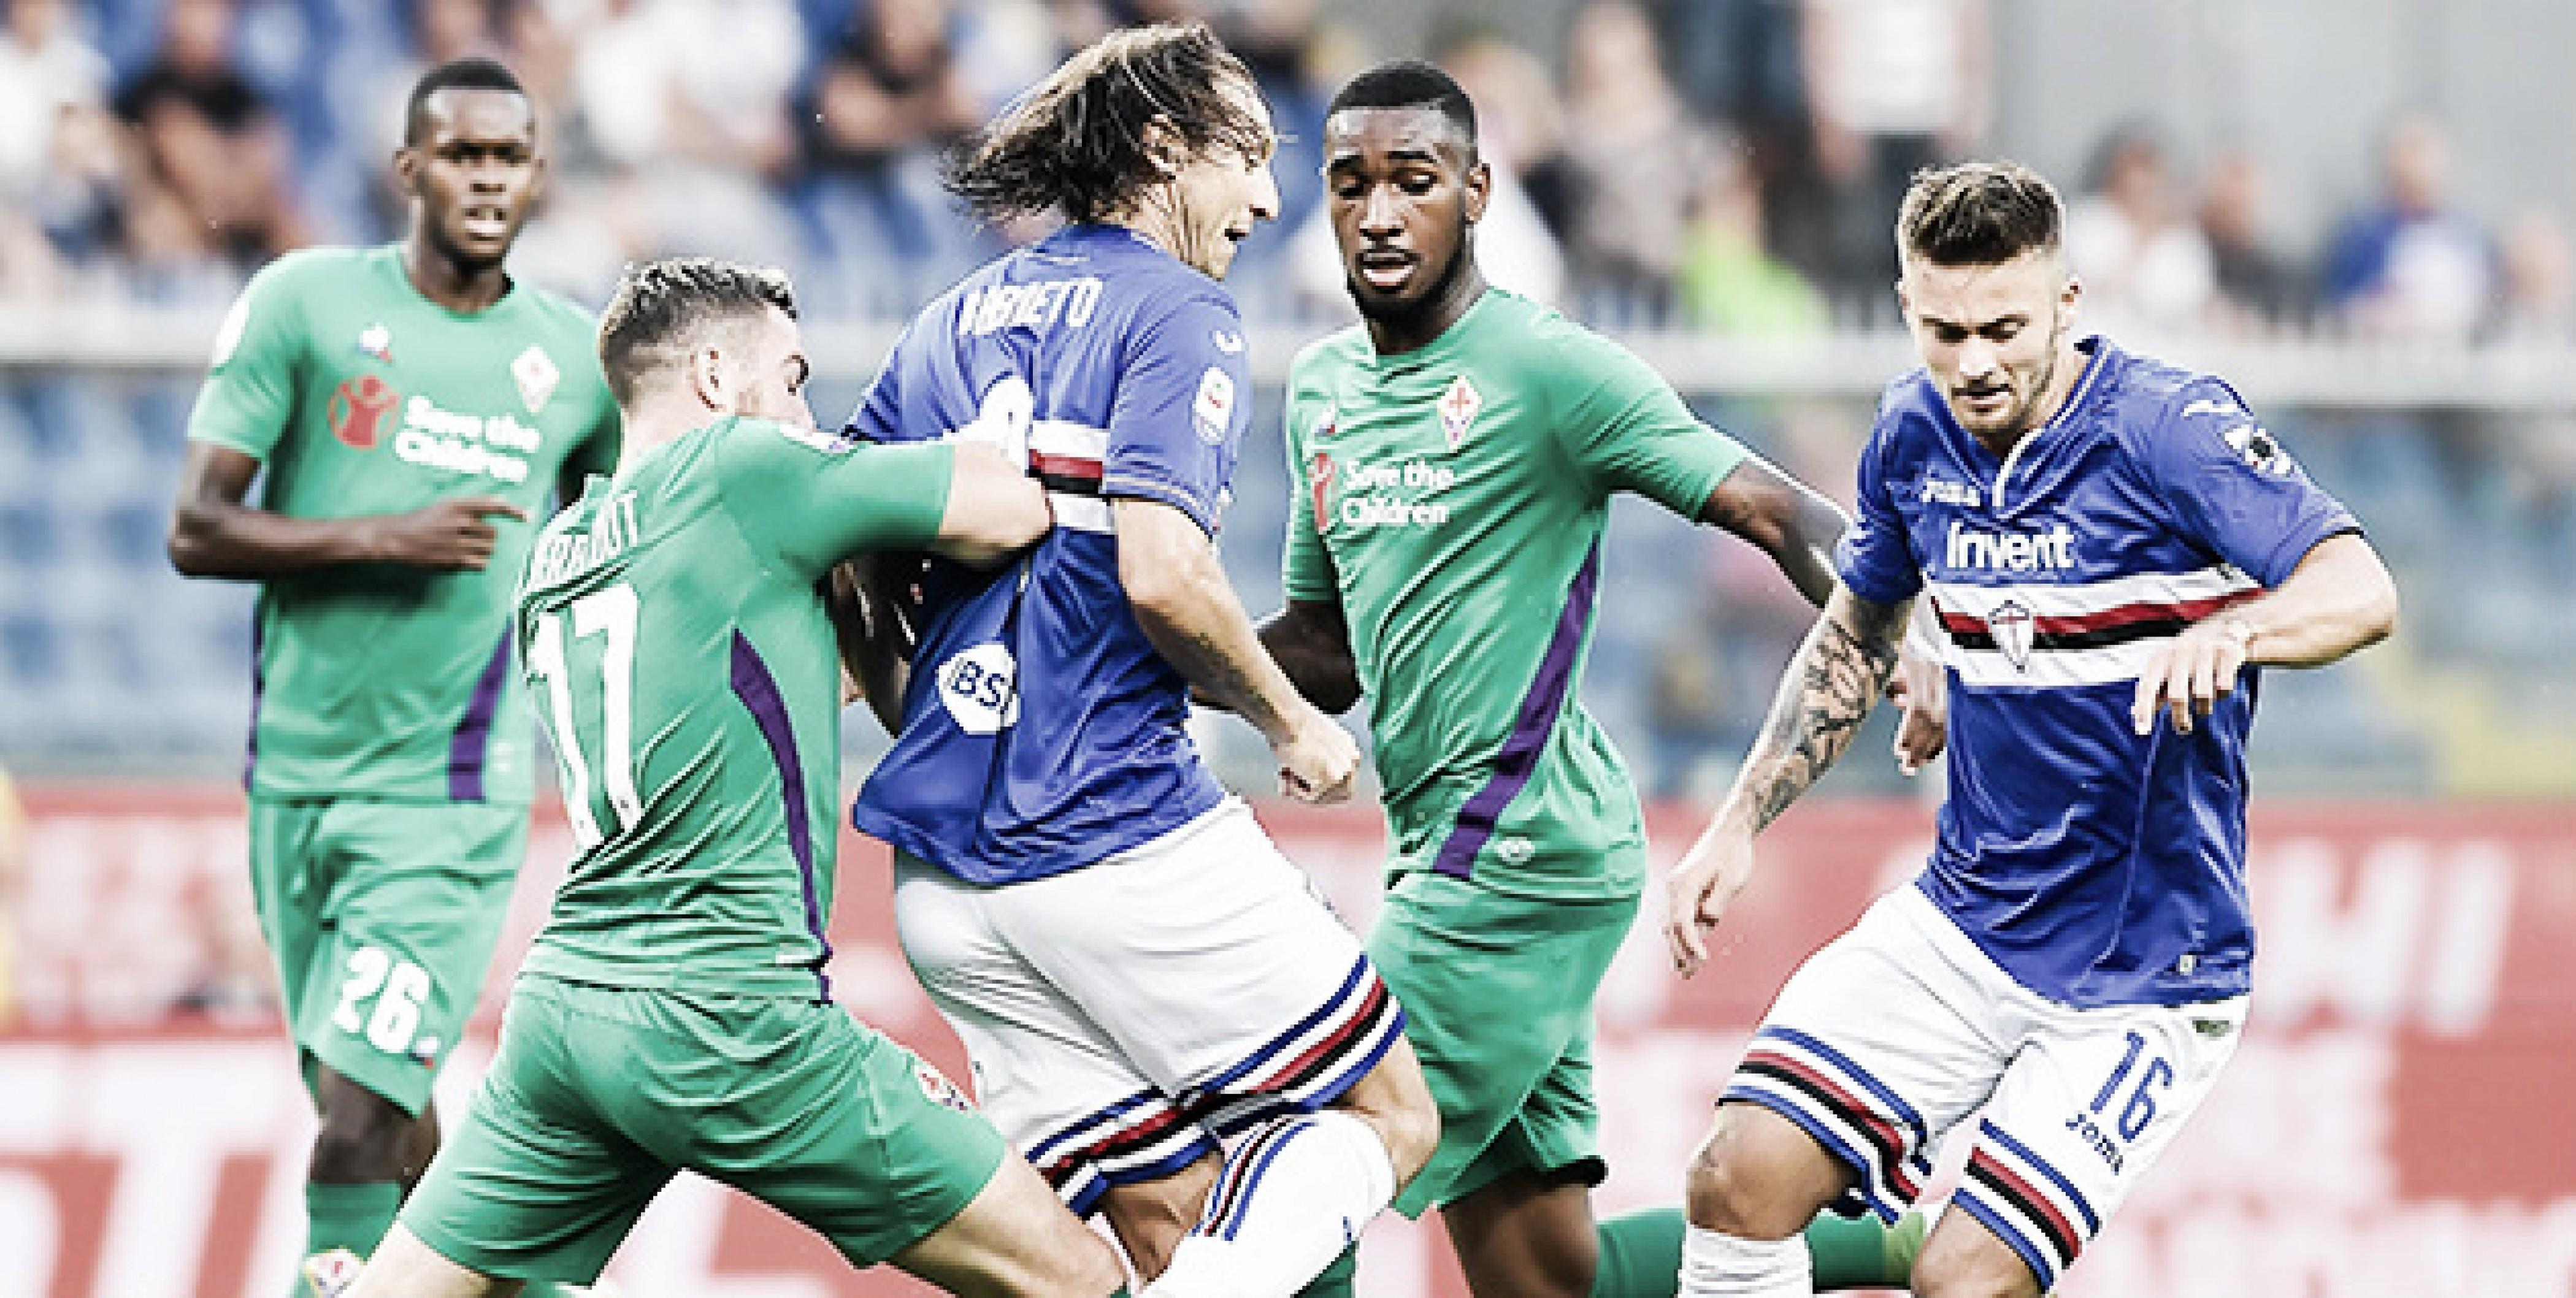 Fiorentina sai na frente, mas Sampdoria busca empate em jogo atrasado da Serie A